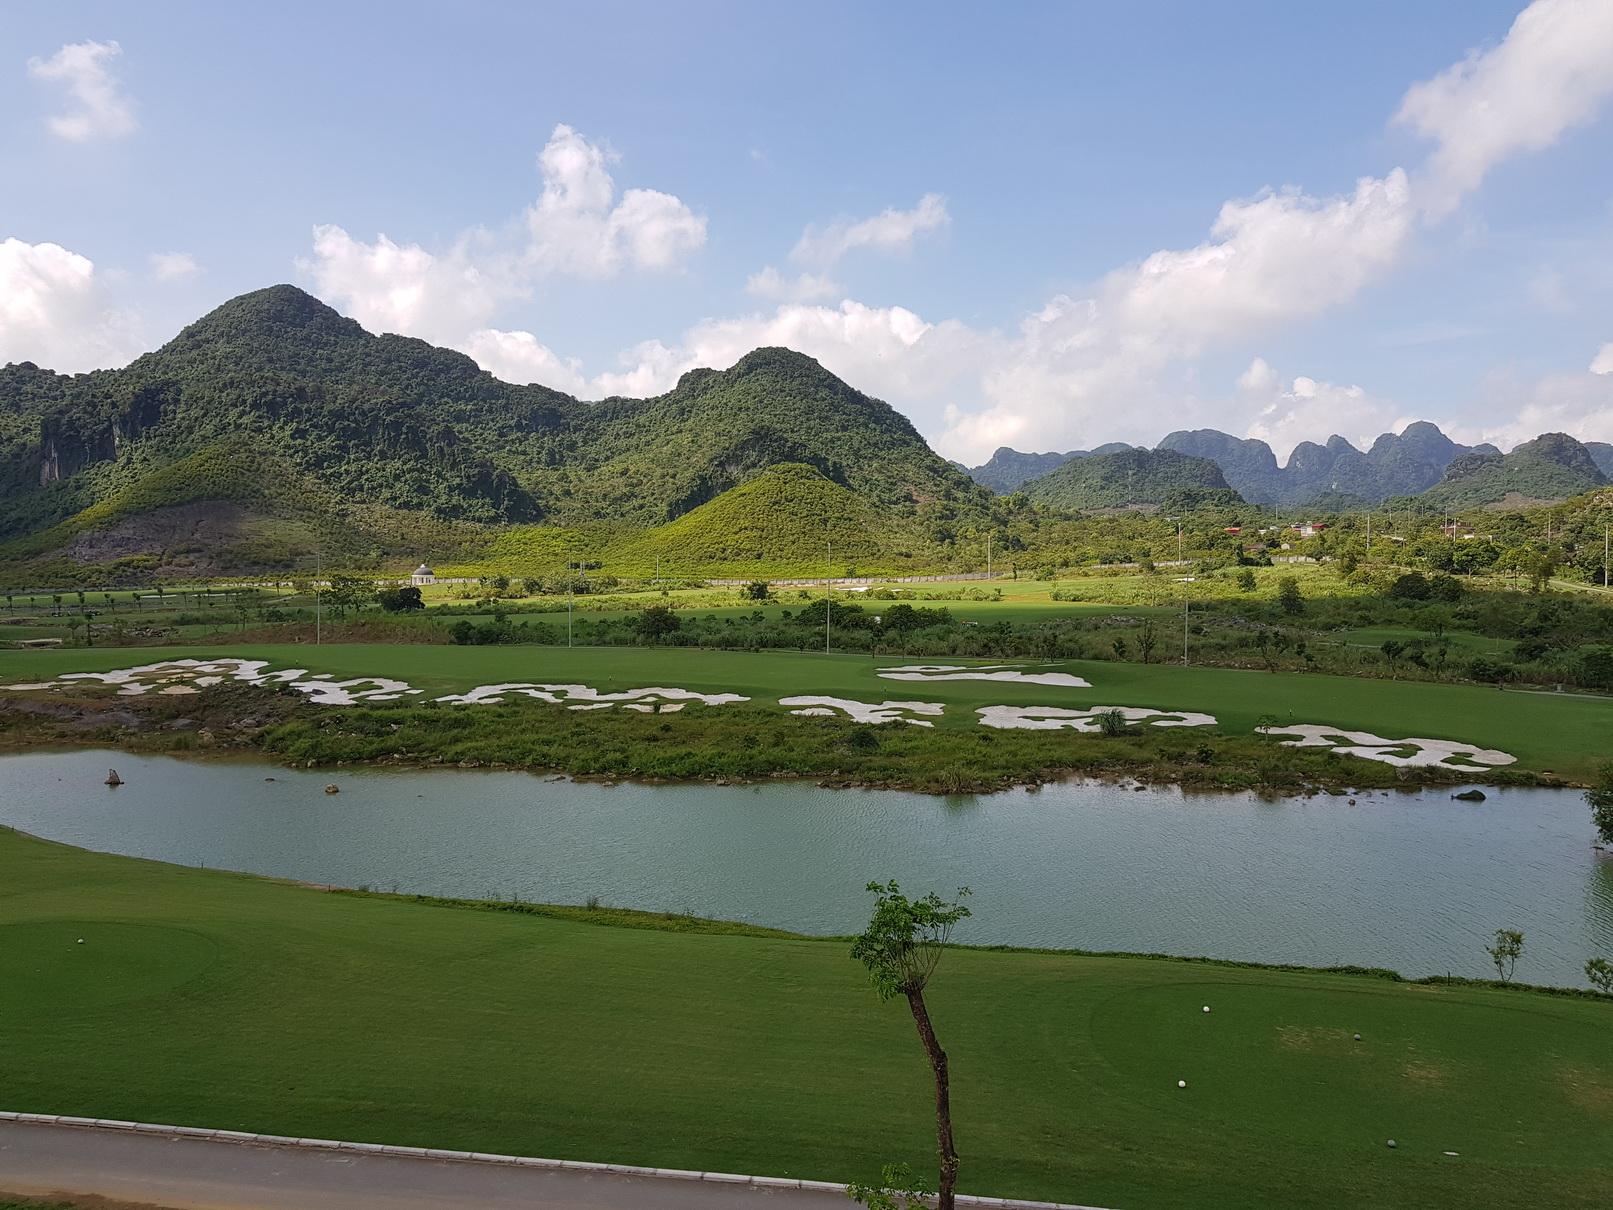 Đánh giá sân golf Kim Bảng Hà Nam (Stone Valley Golf Resort)